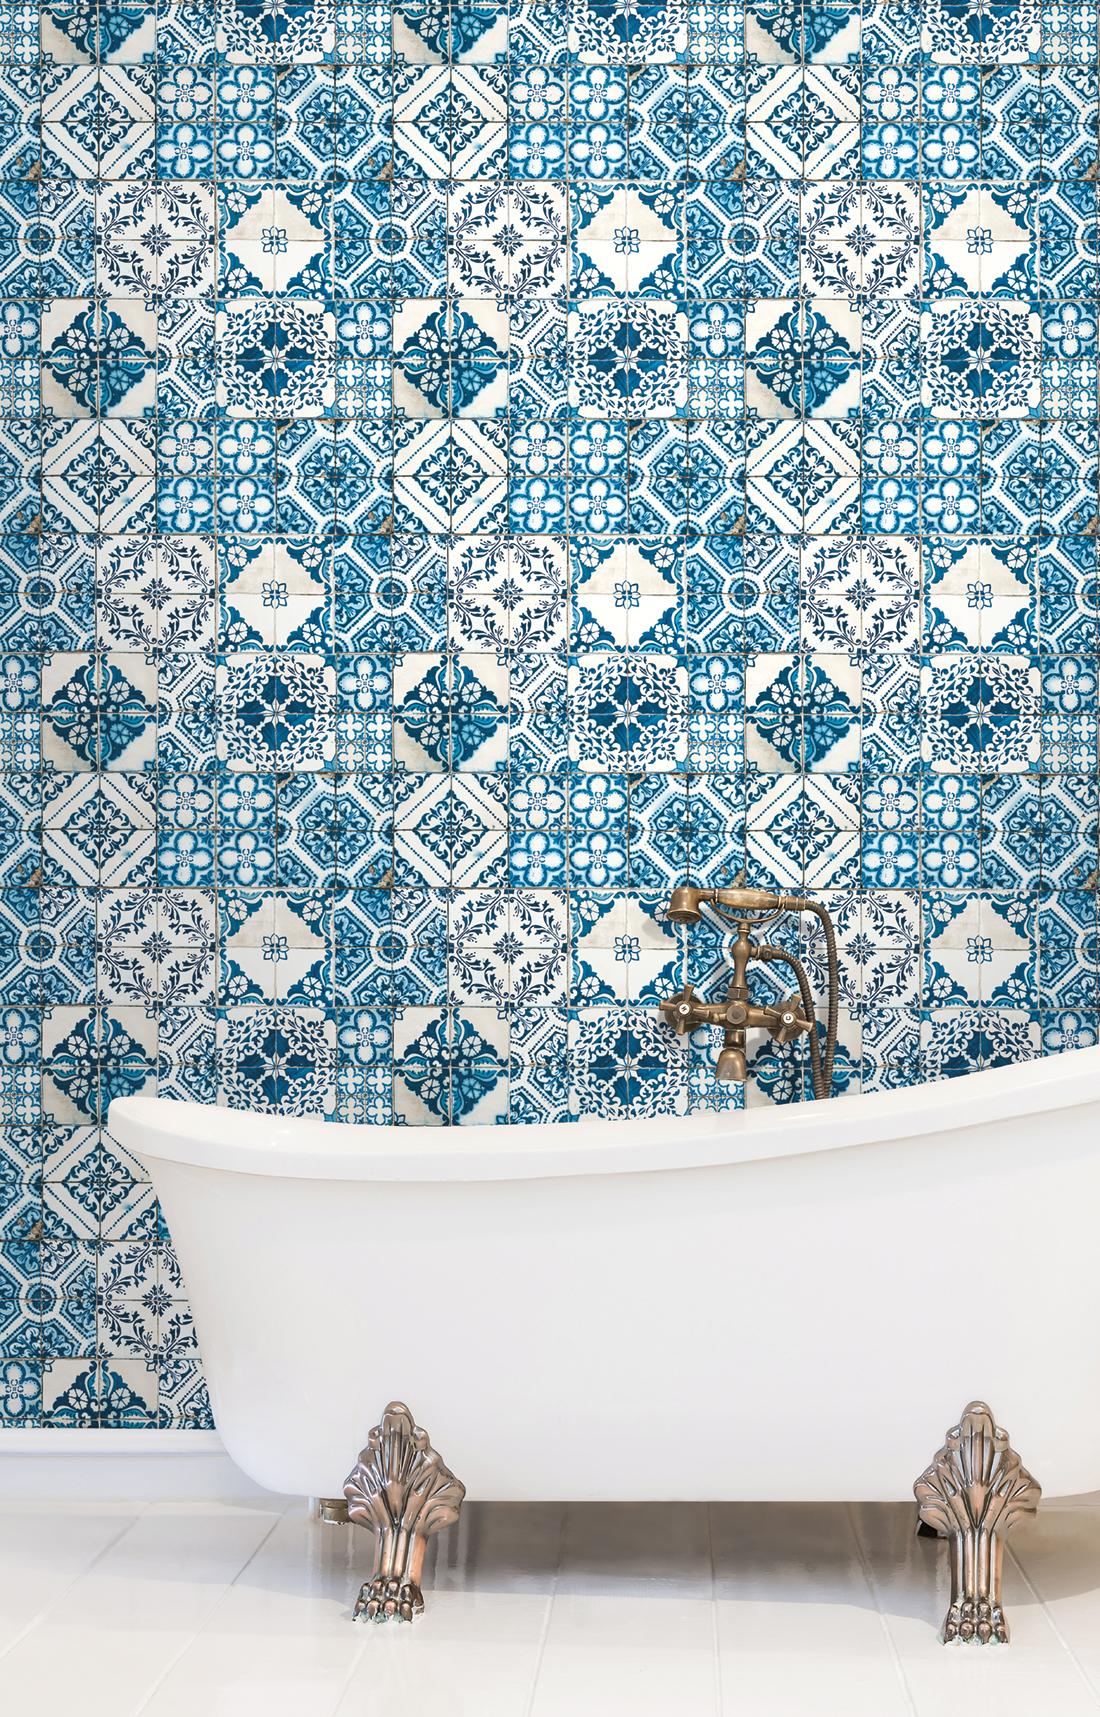 Papier peint Carreaux de ciment Azulejos bleu - Outdoors In d'Initiales AMB | Réf. INI-ON1631